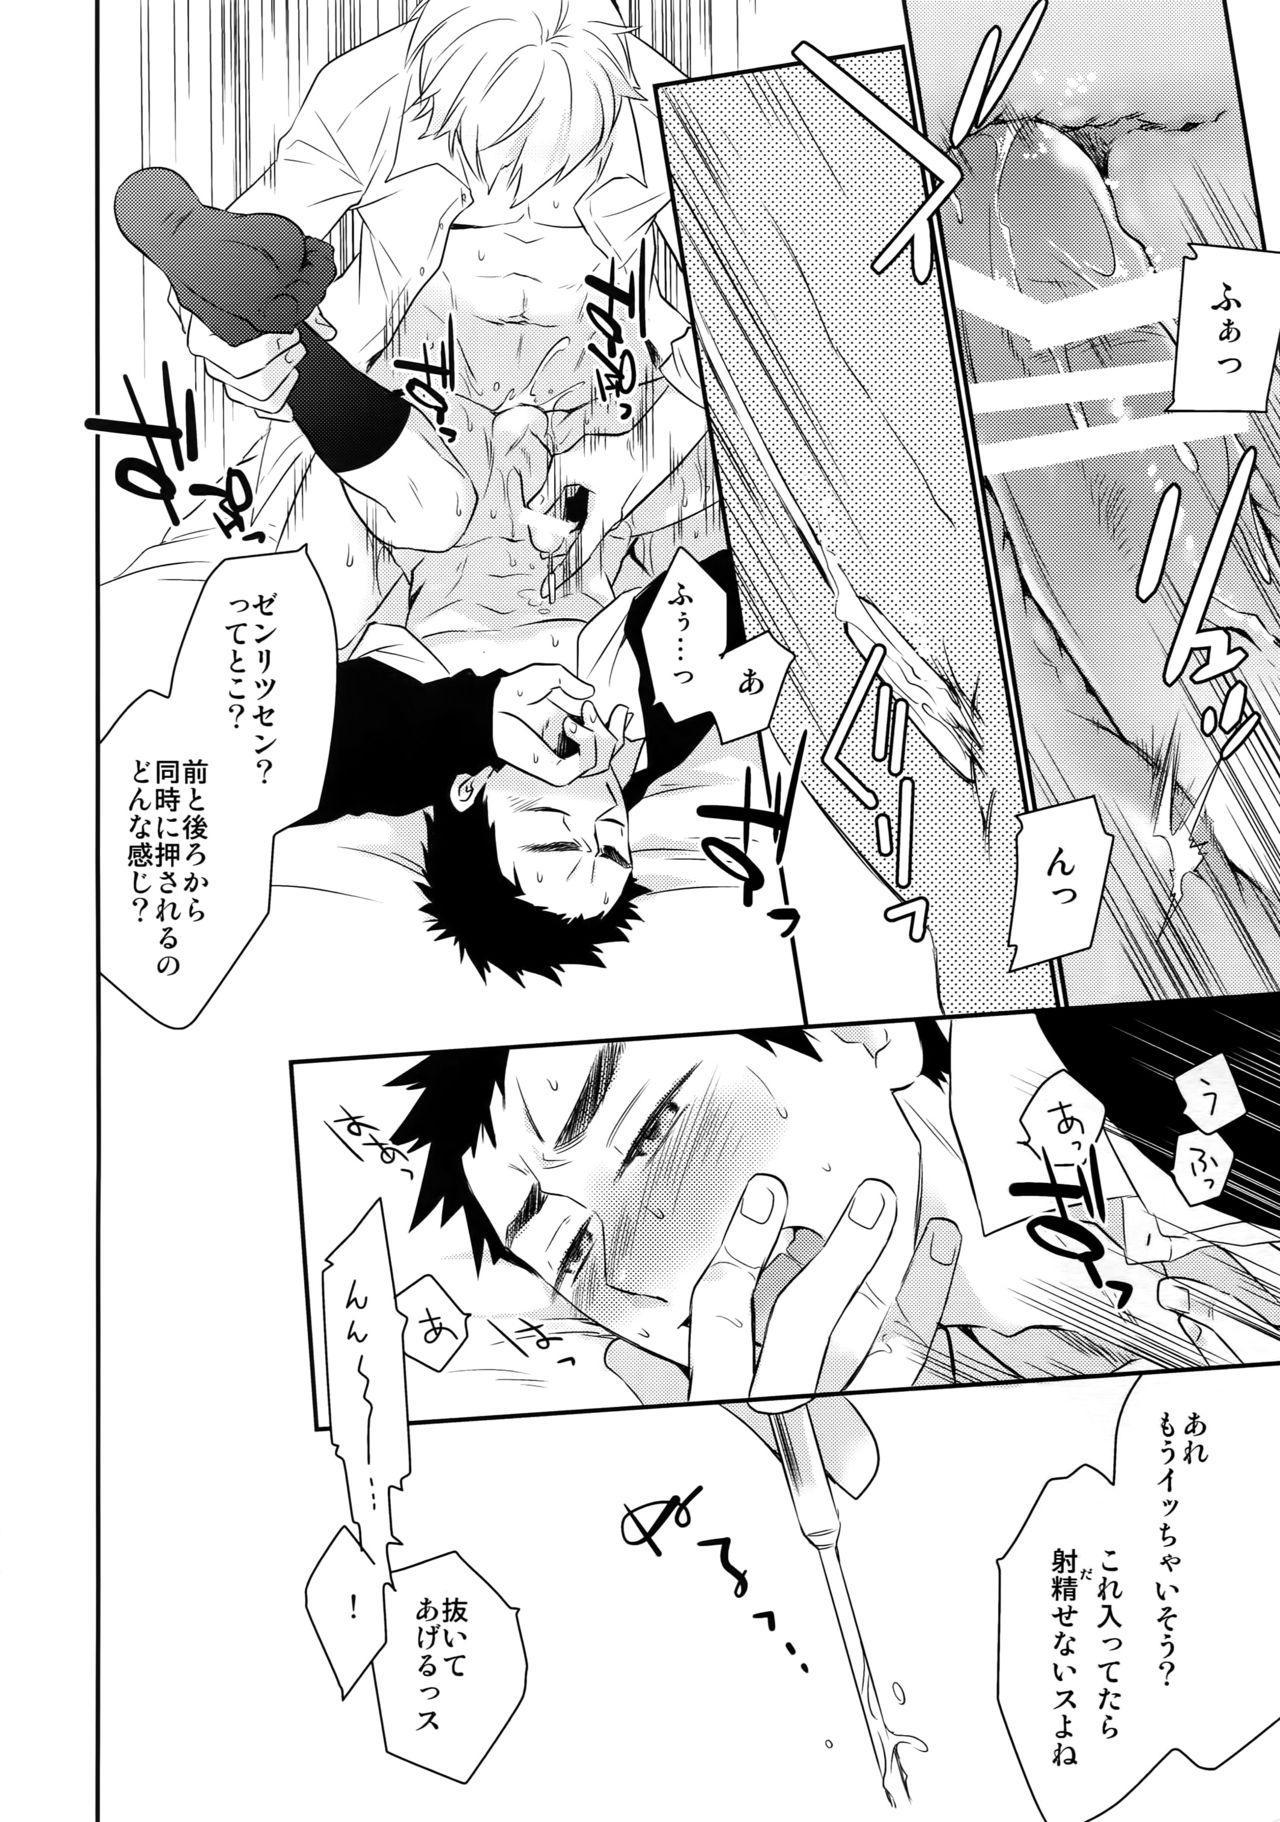 [Bakuchi Jinsei SP (Satsuki Fumi)] Kanpeki Kareshi to Zettai Ryouiki Ouji-sama - Another Version - (Kuroko no Basket) 62